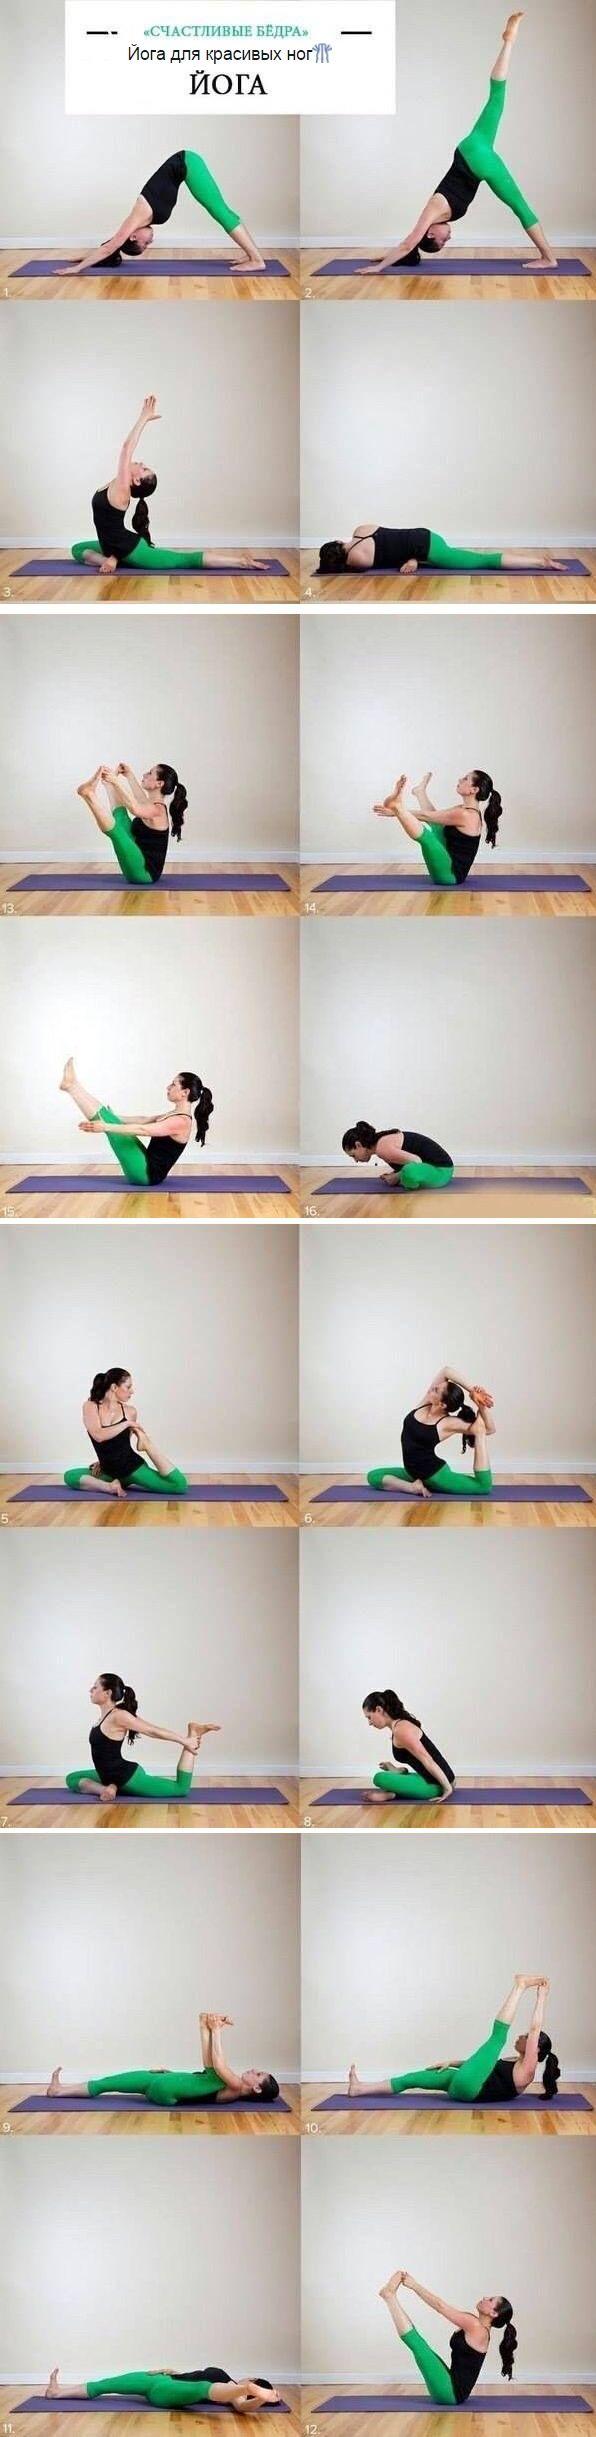 Йога для красивых ног